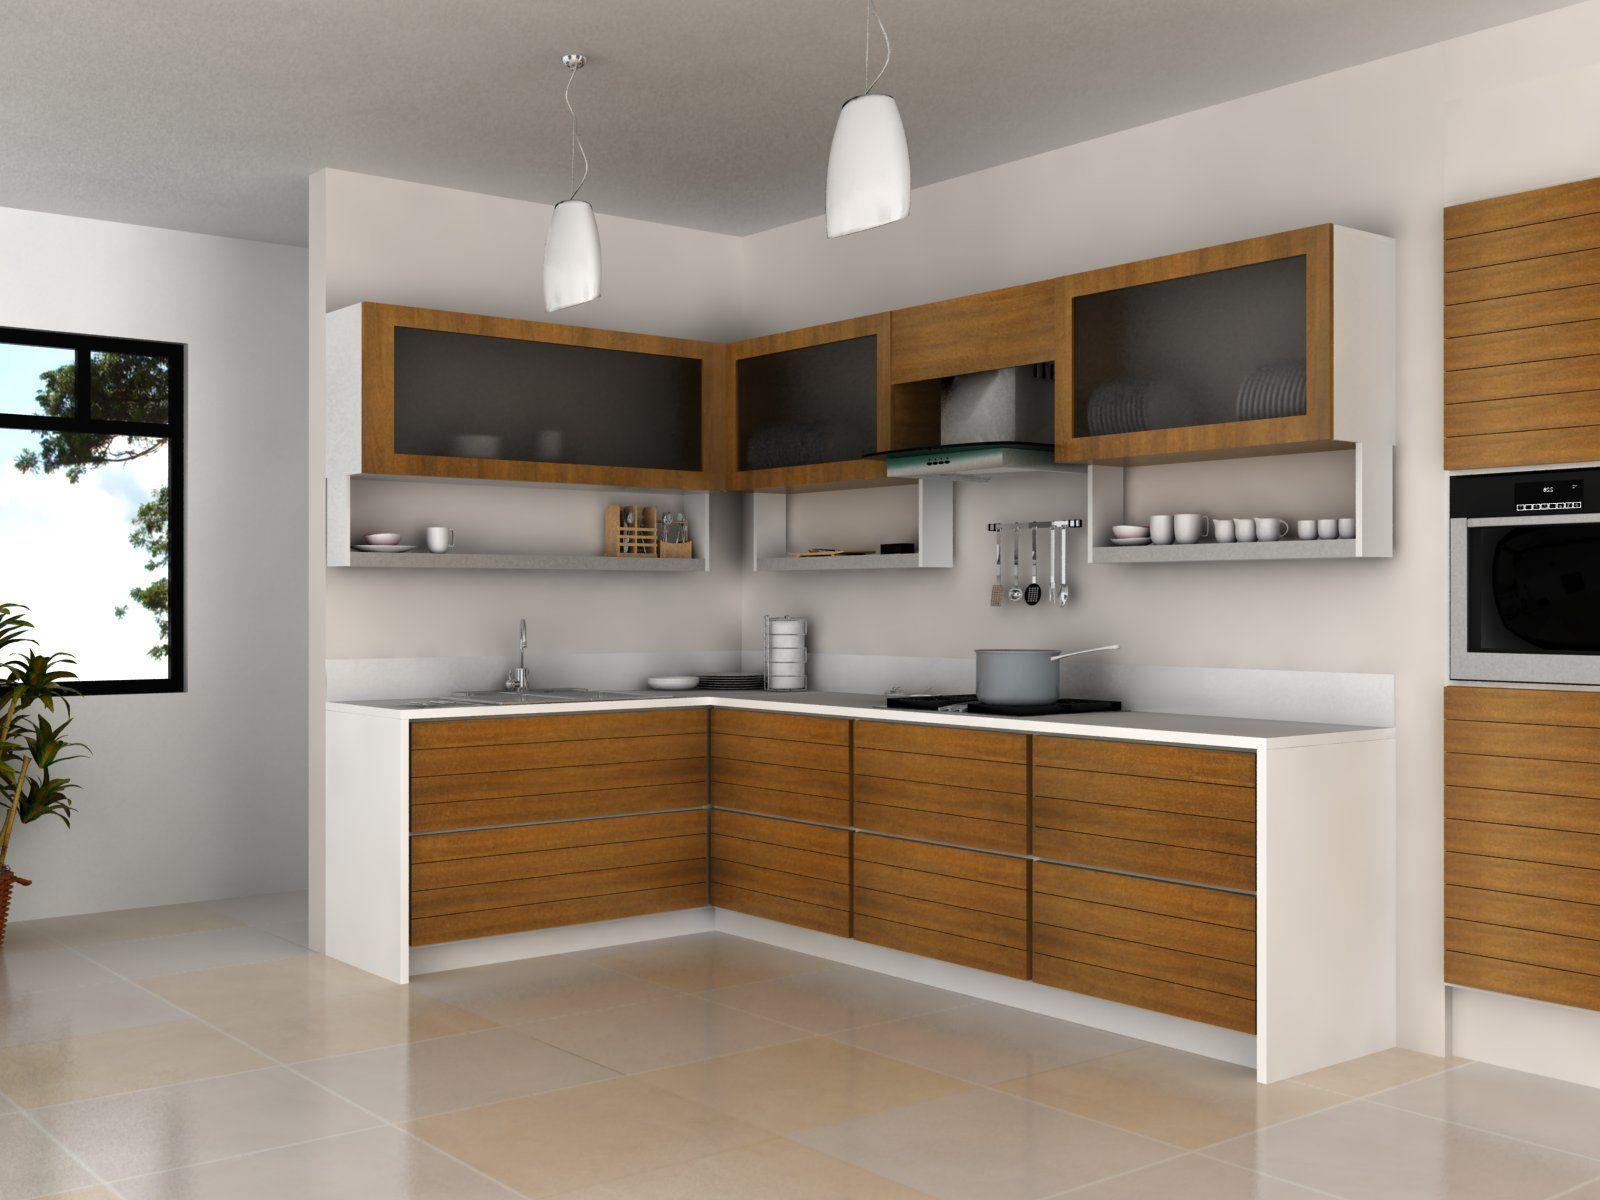 cocinas integrales  Arqui y autocad  Cocinas modernas